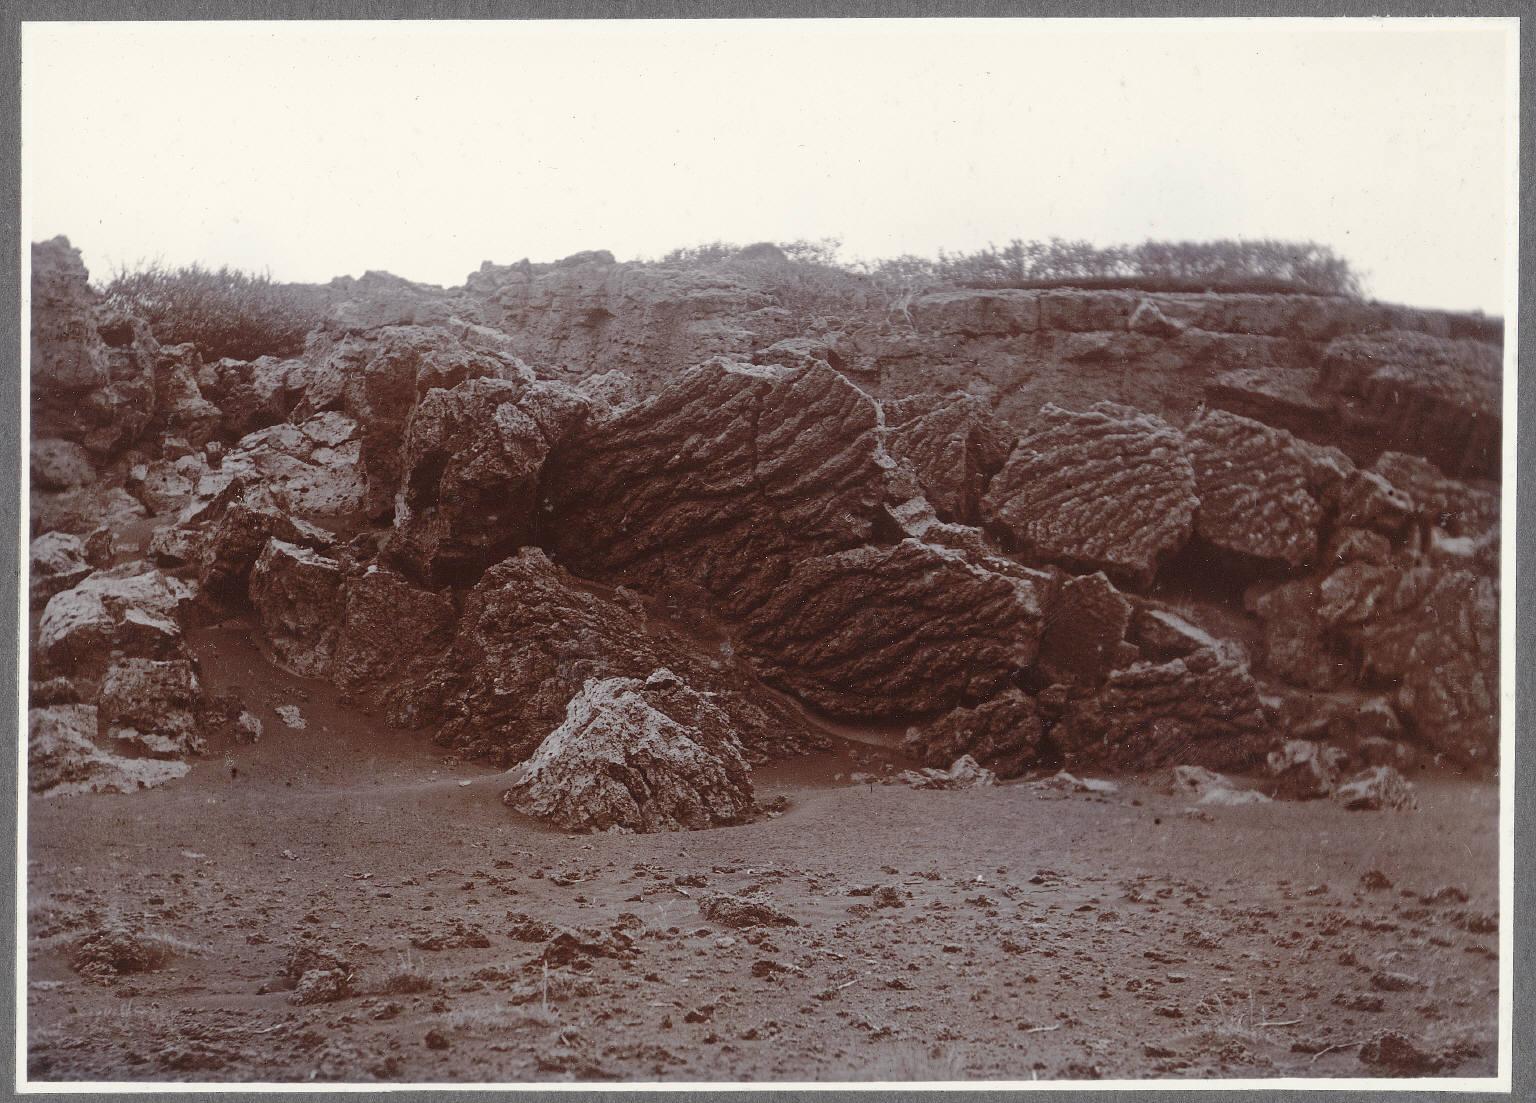 Гекла. Окаменевшая лава близ Нэфурхольта